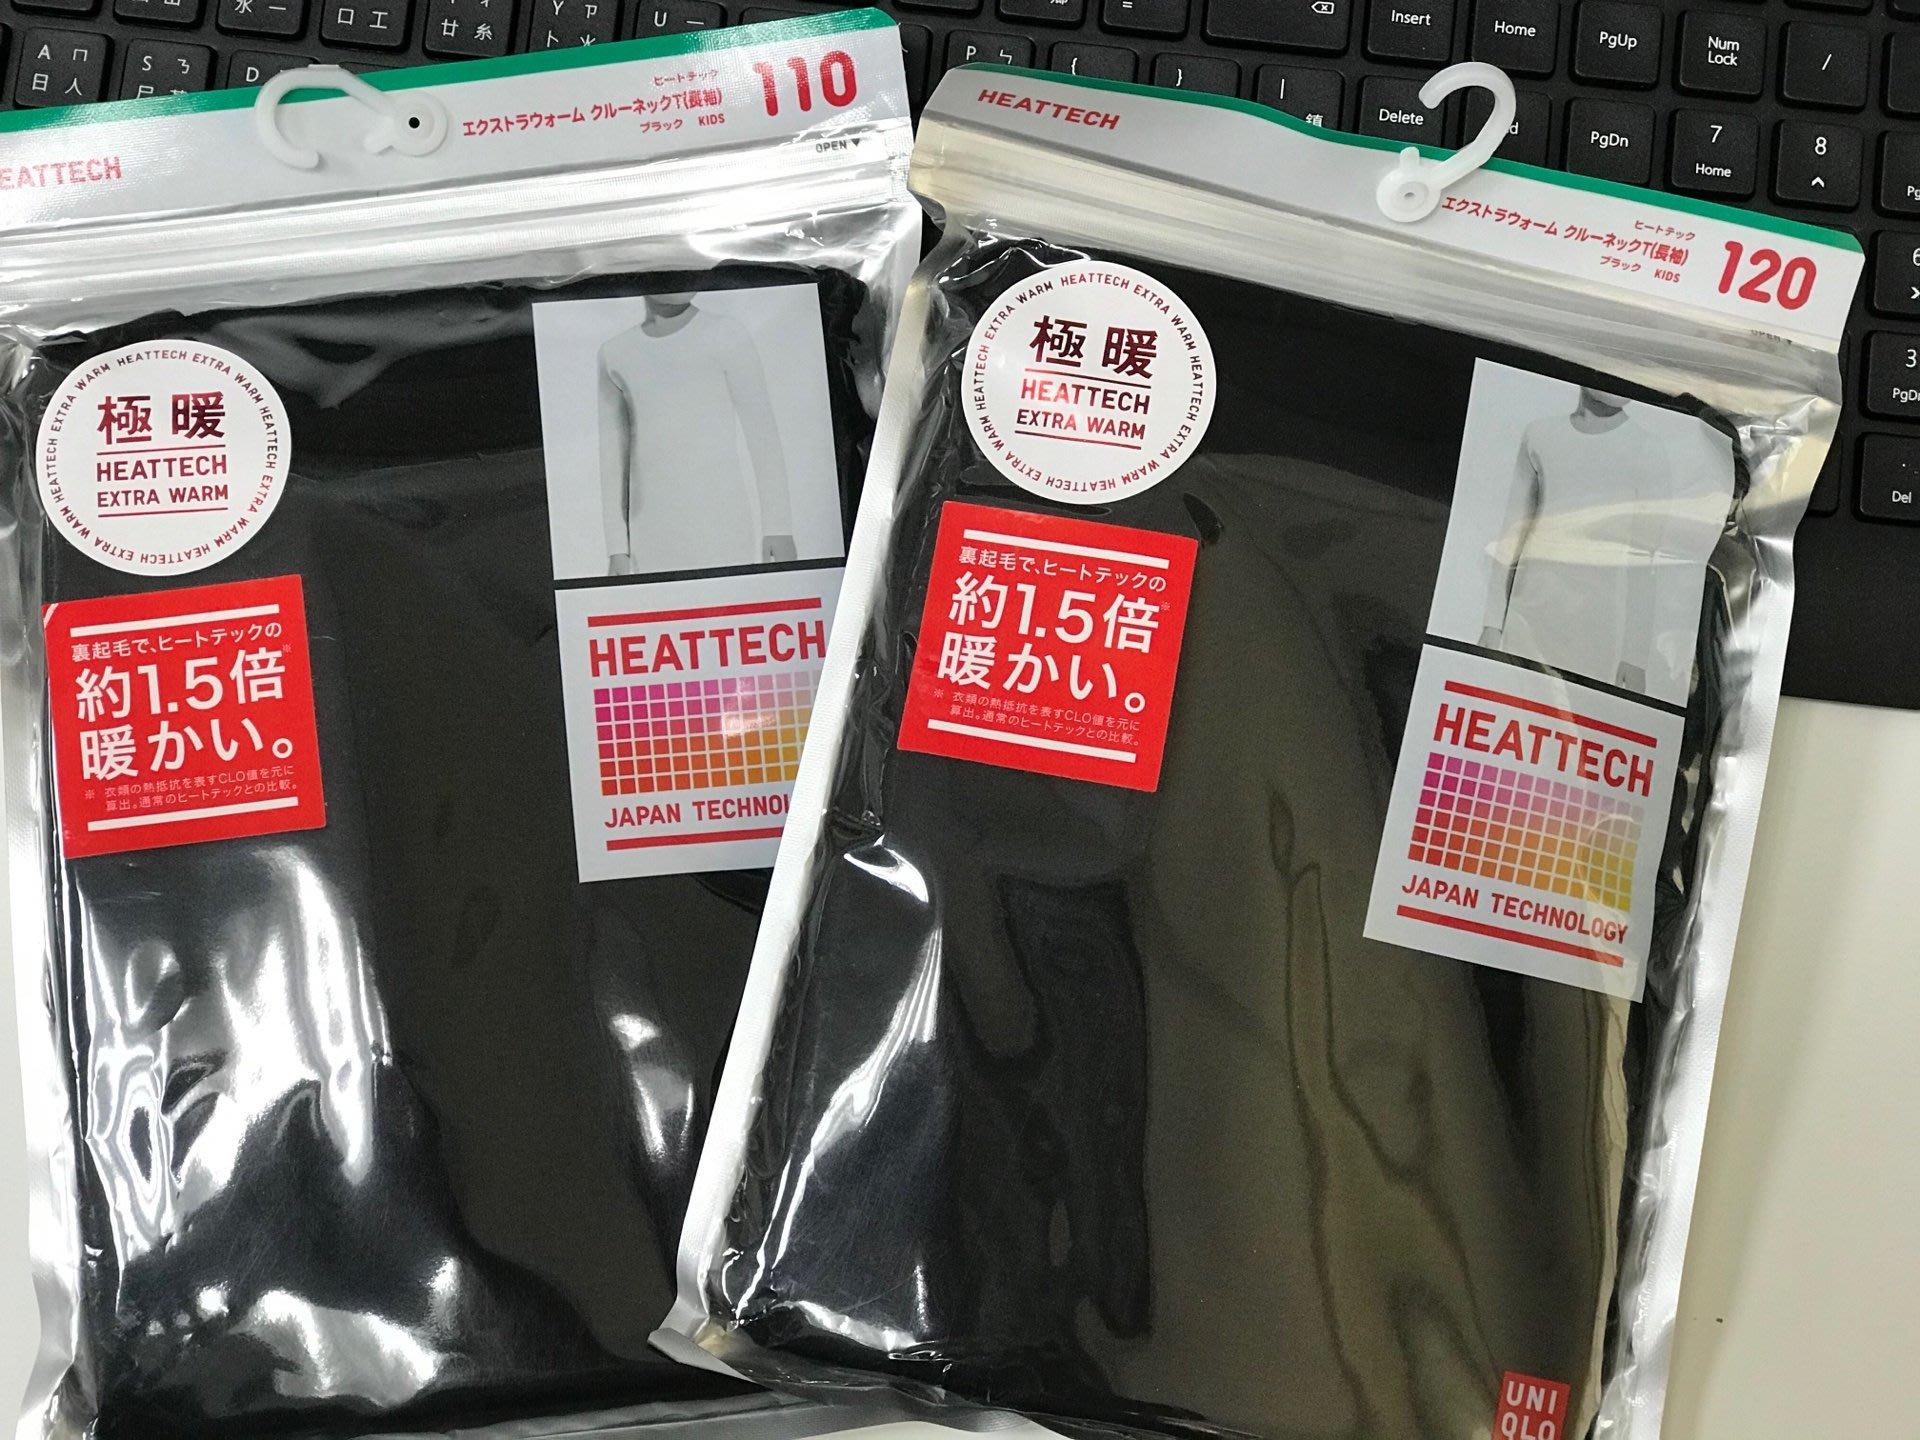 日本帶回 UNIQLO HEATTECH EXTRA WARM 極暖系列 兒童 發熱衣 內衣 圓領 黑 現貨